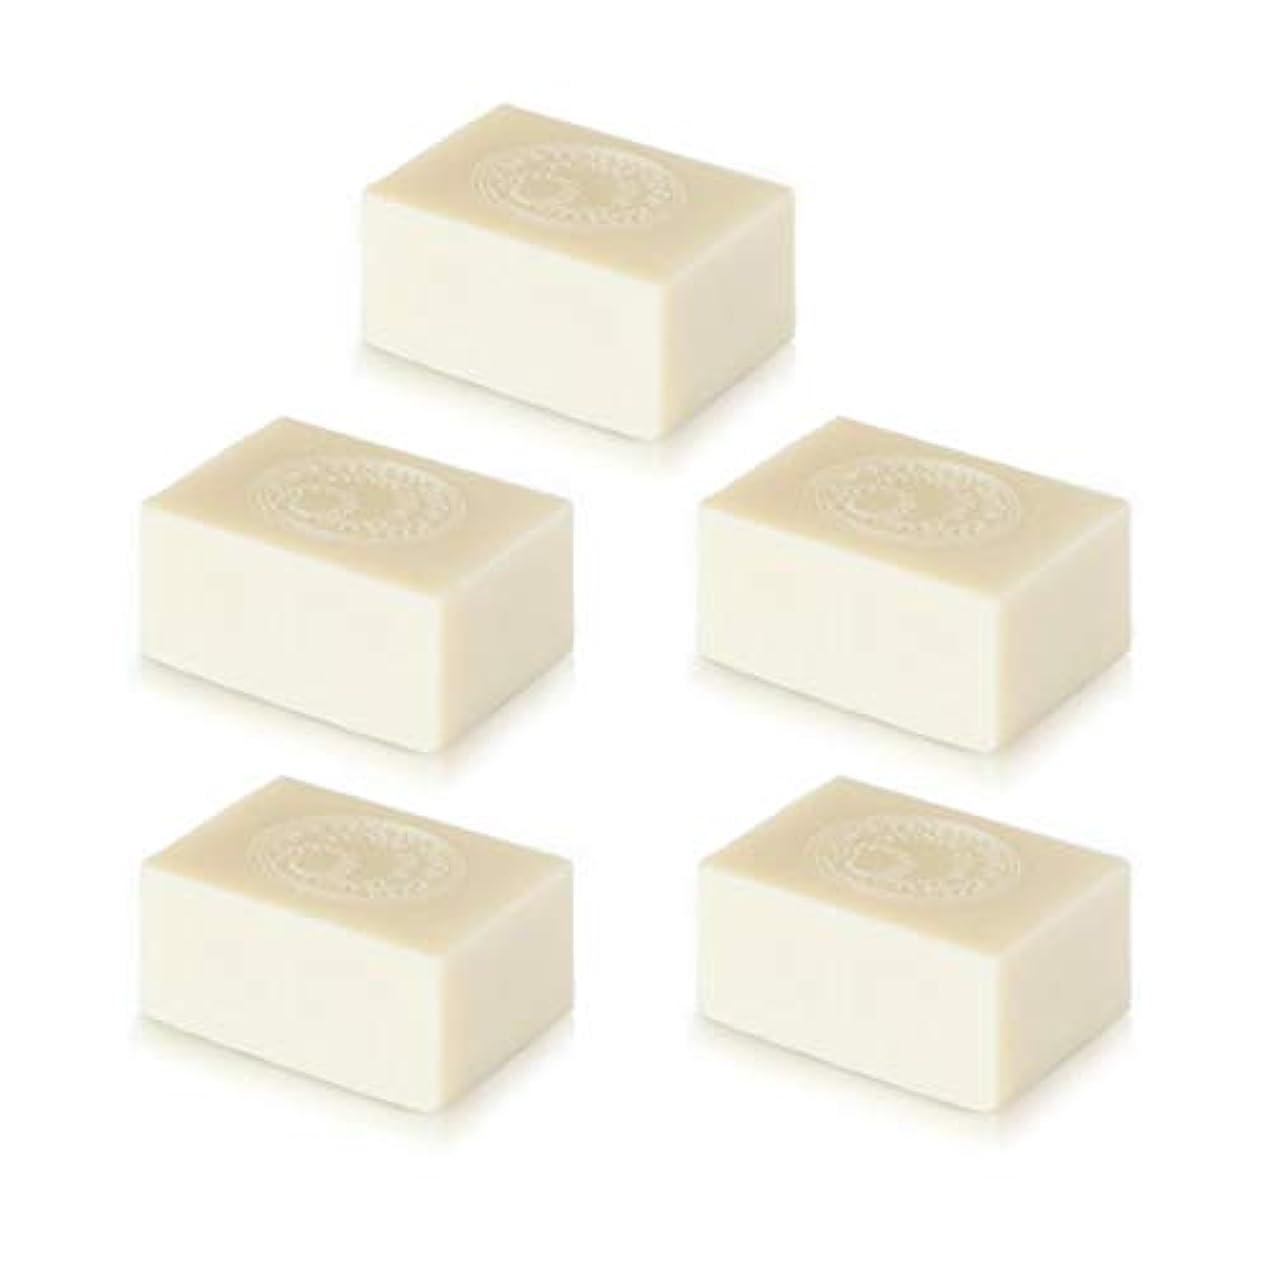 アンペアに向けて出発苦情文句ナイアード アルガン石鹸5個セット( 145g ×5個)無添加アルガン石鹸